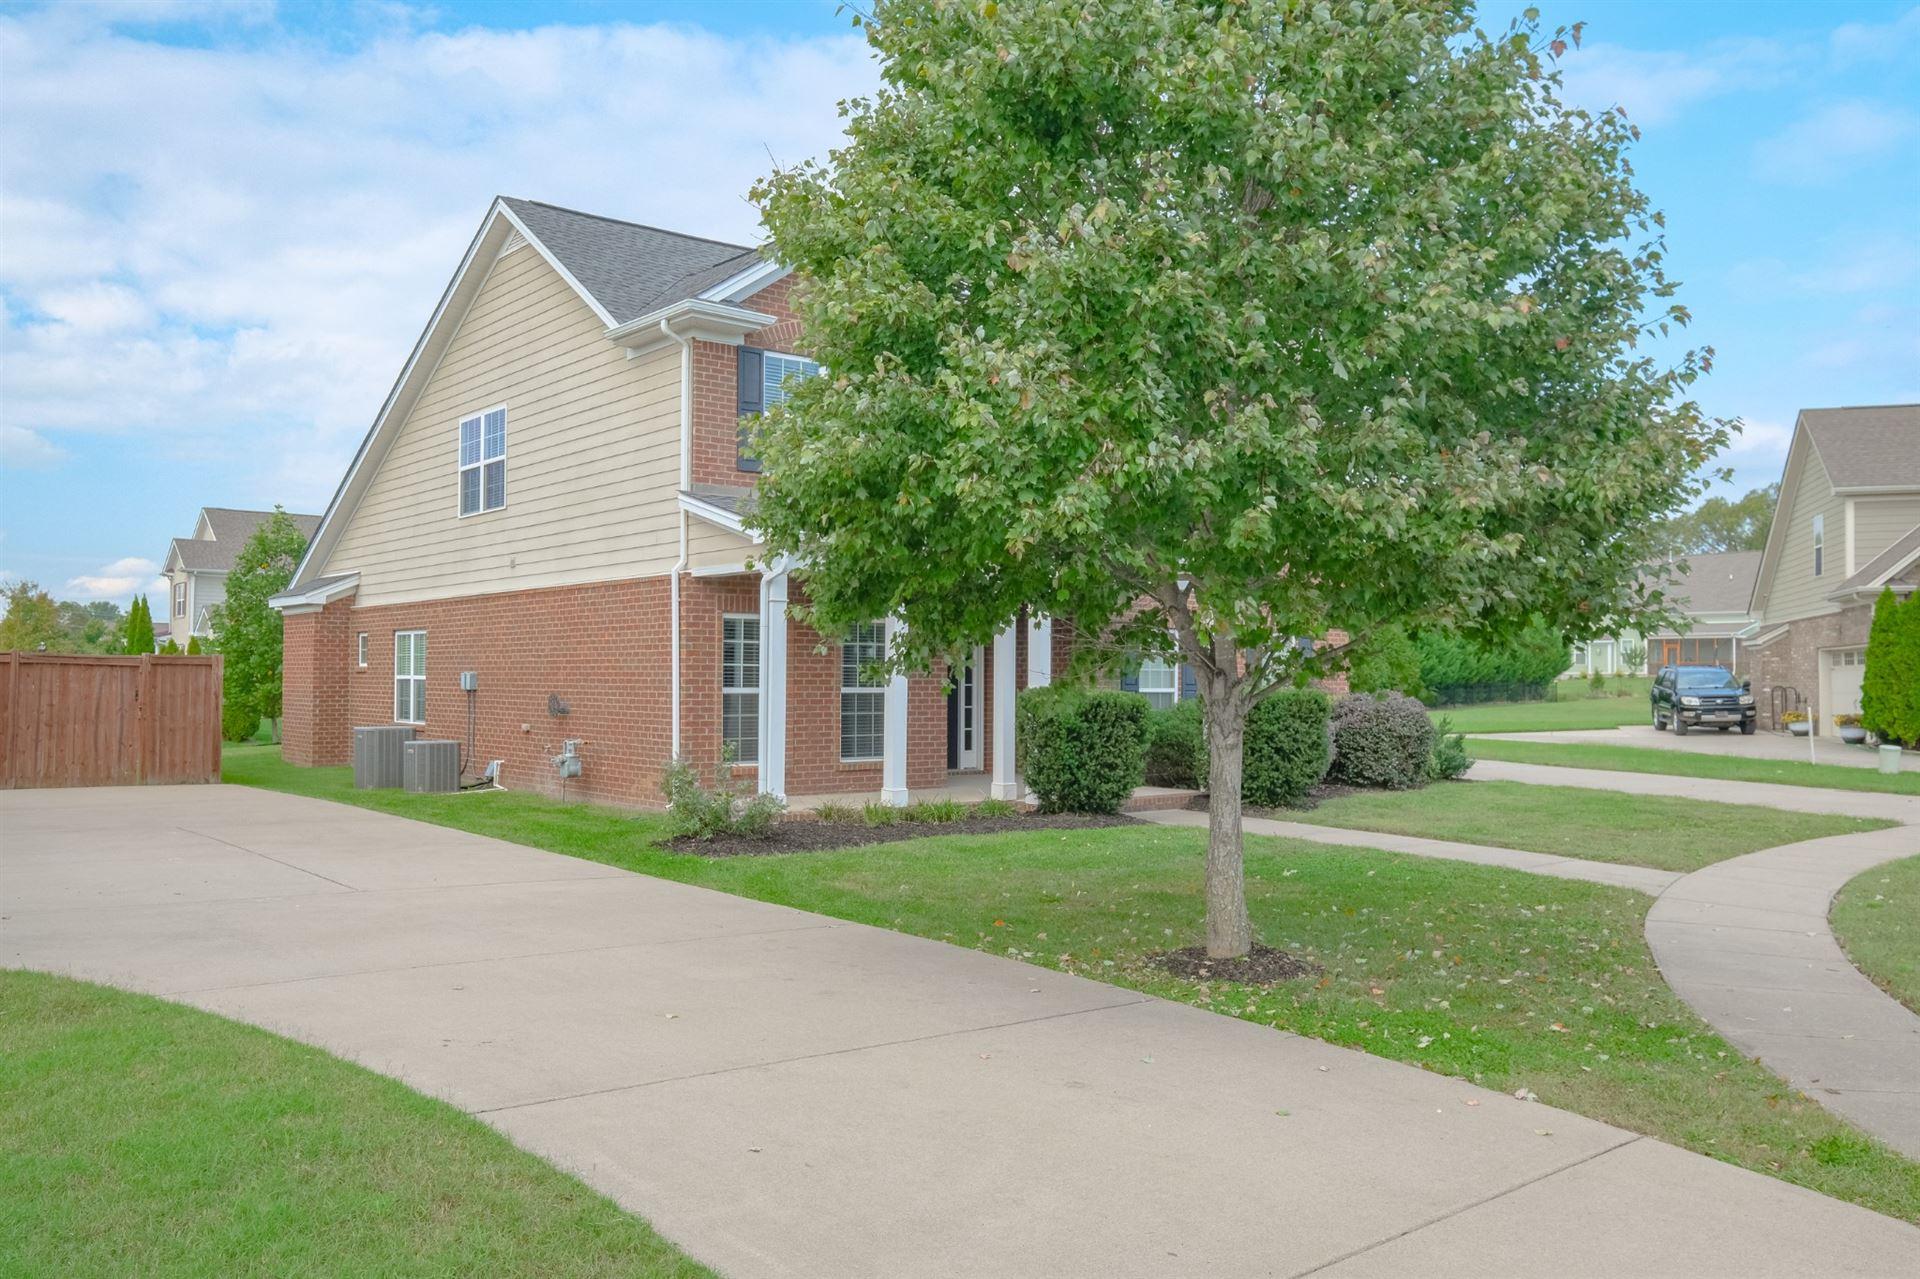 Photo of 3211 Palomar Dr, Murfreesboro, TN 37129 (MLS # 2300292)